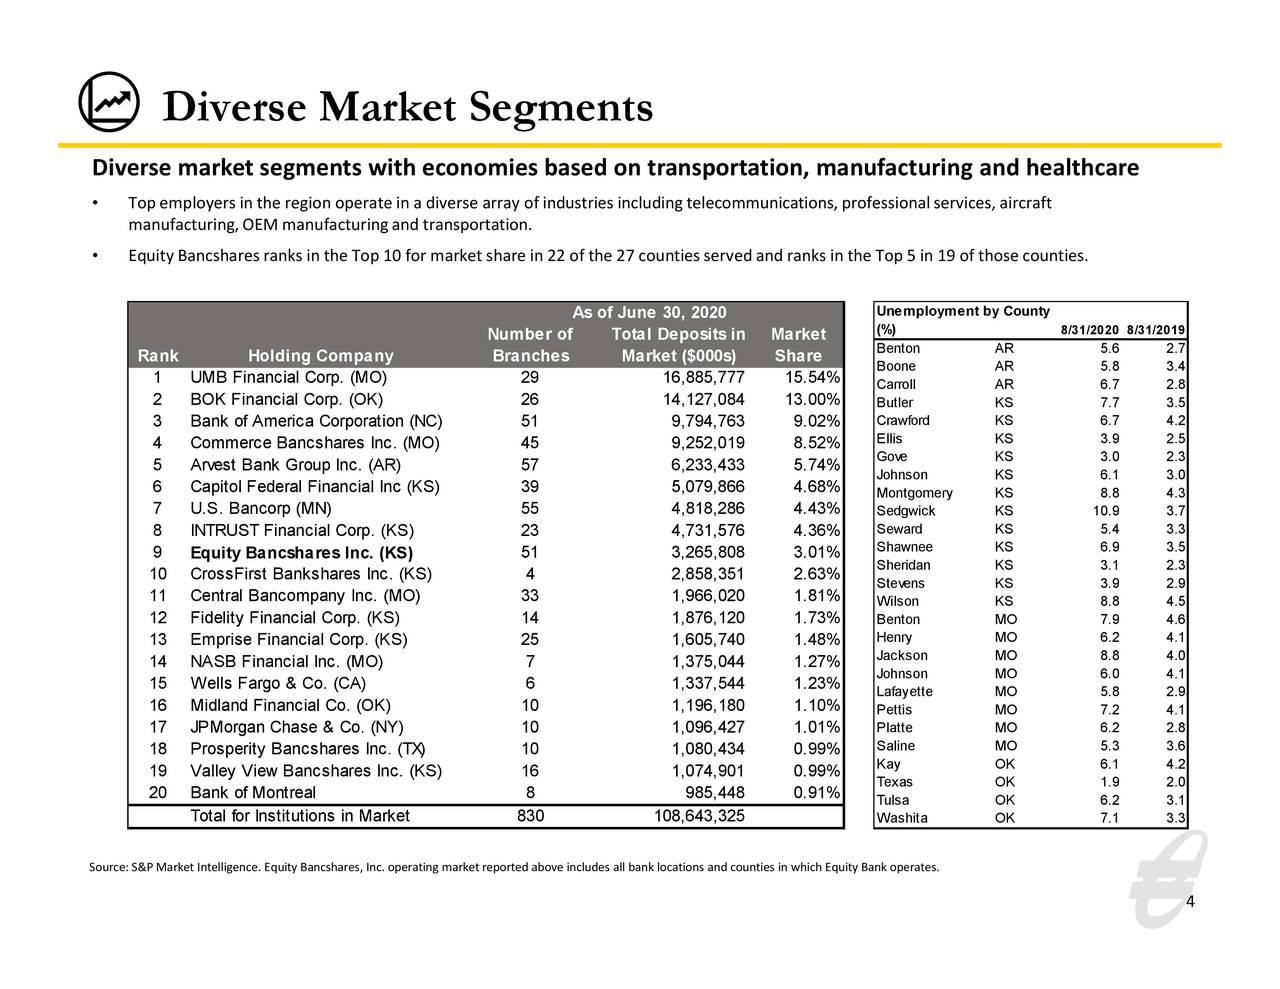 Diversos segmentos de mercado